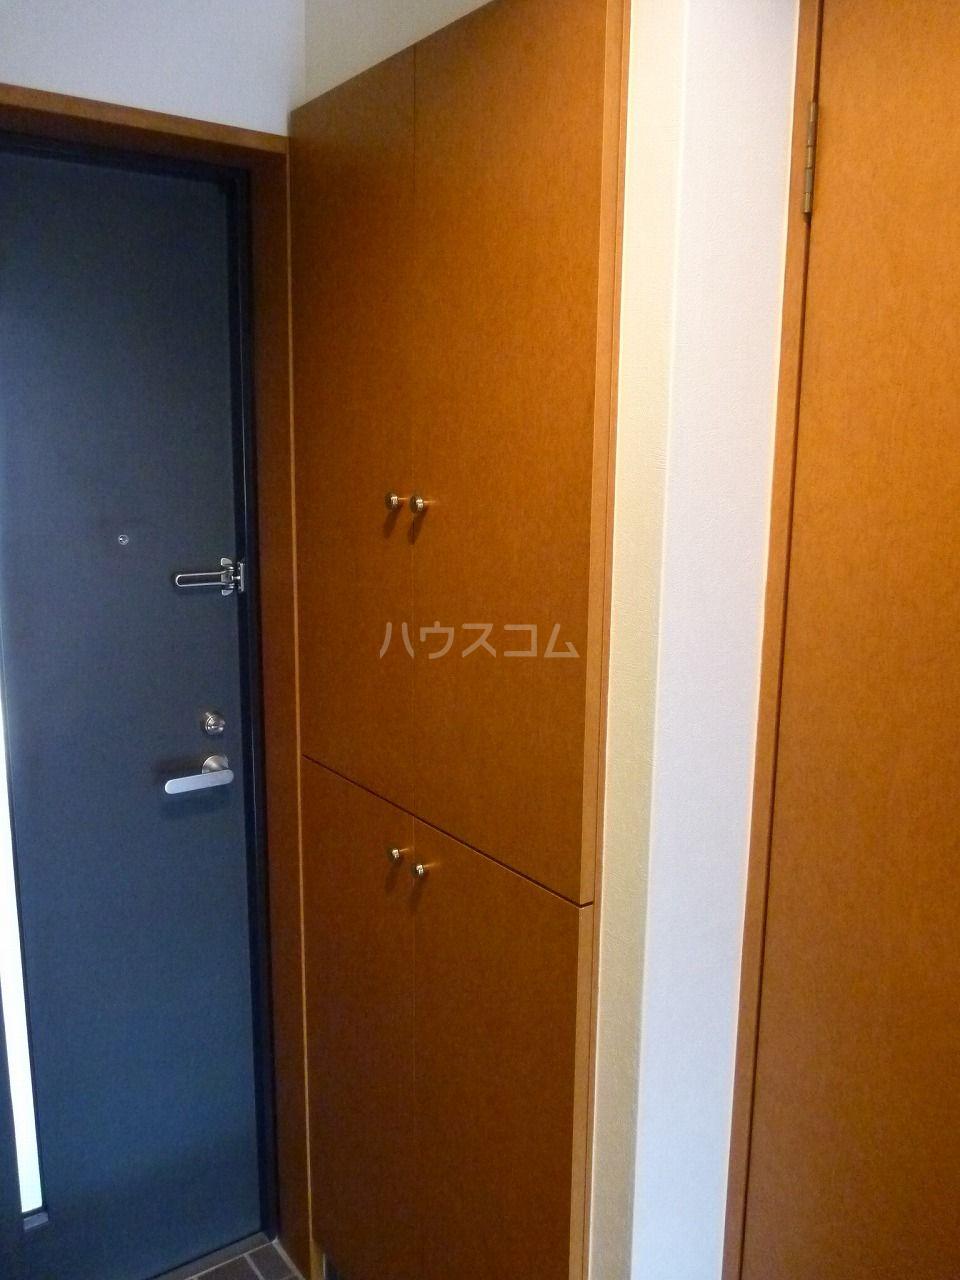 アクタス博多駅東 403号室の玄関